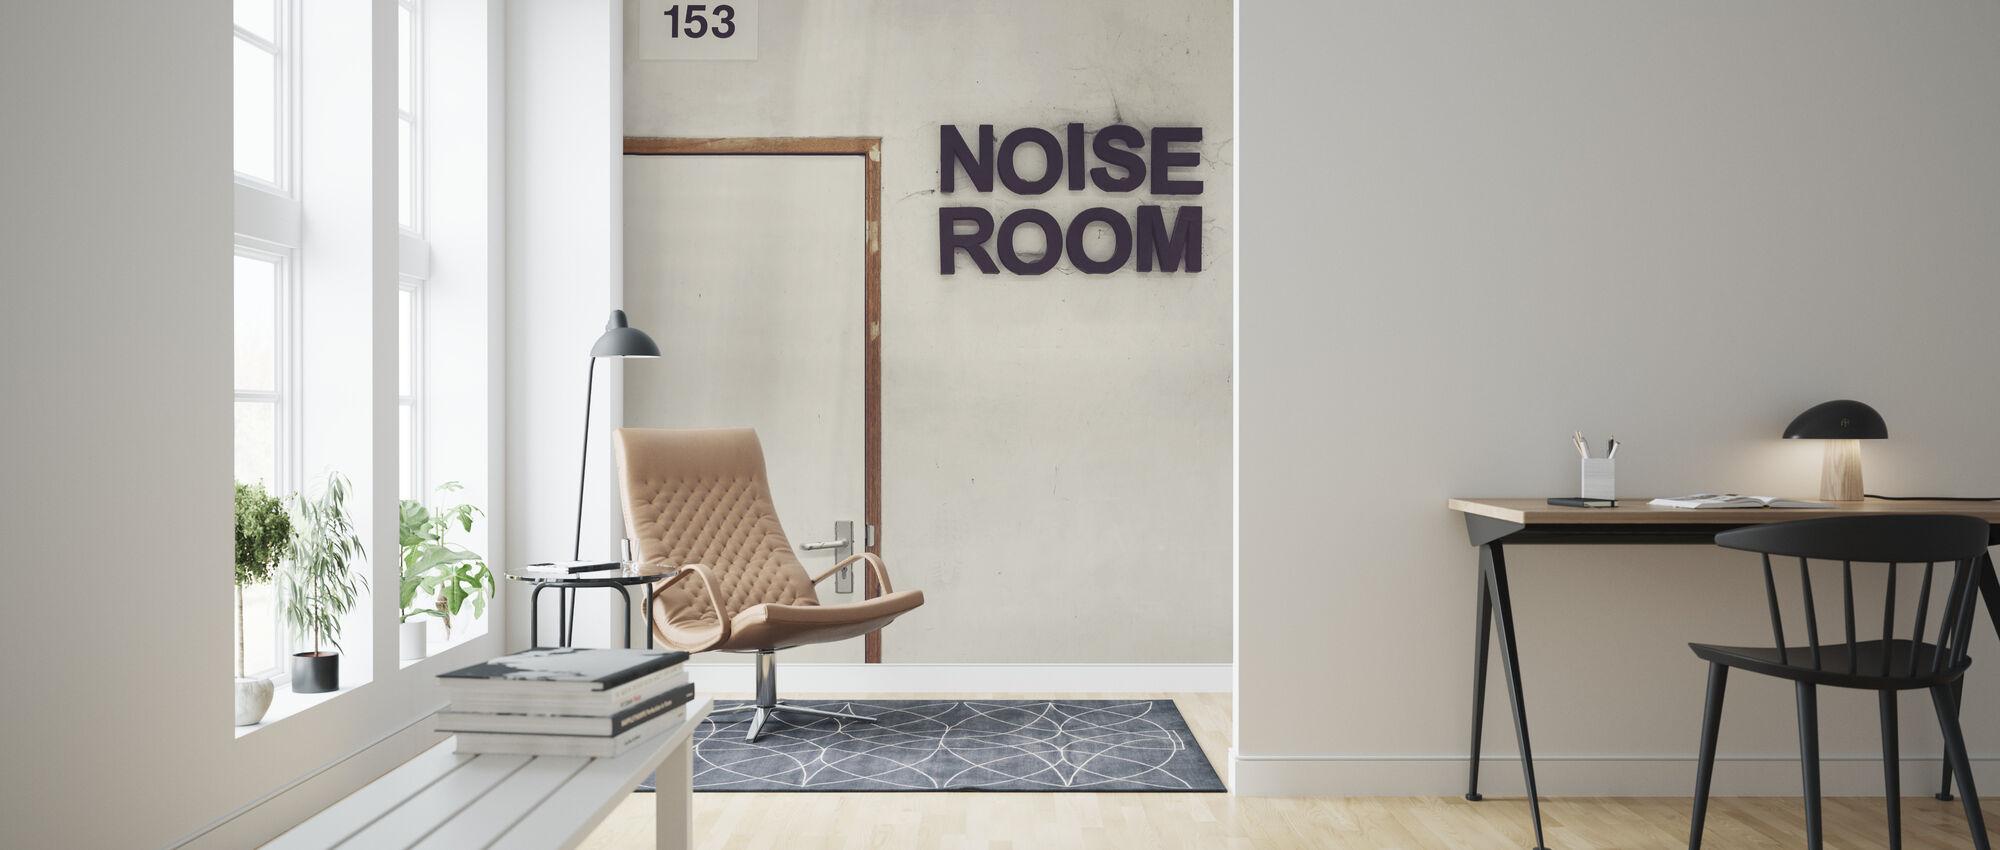 Noise Room Door - Wallpaper - Living Room